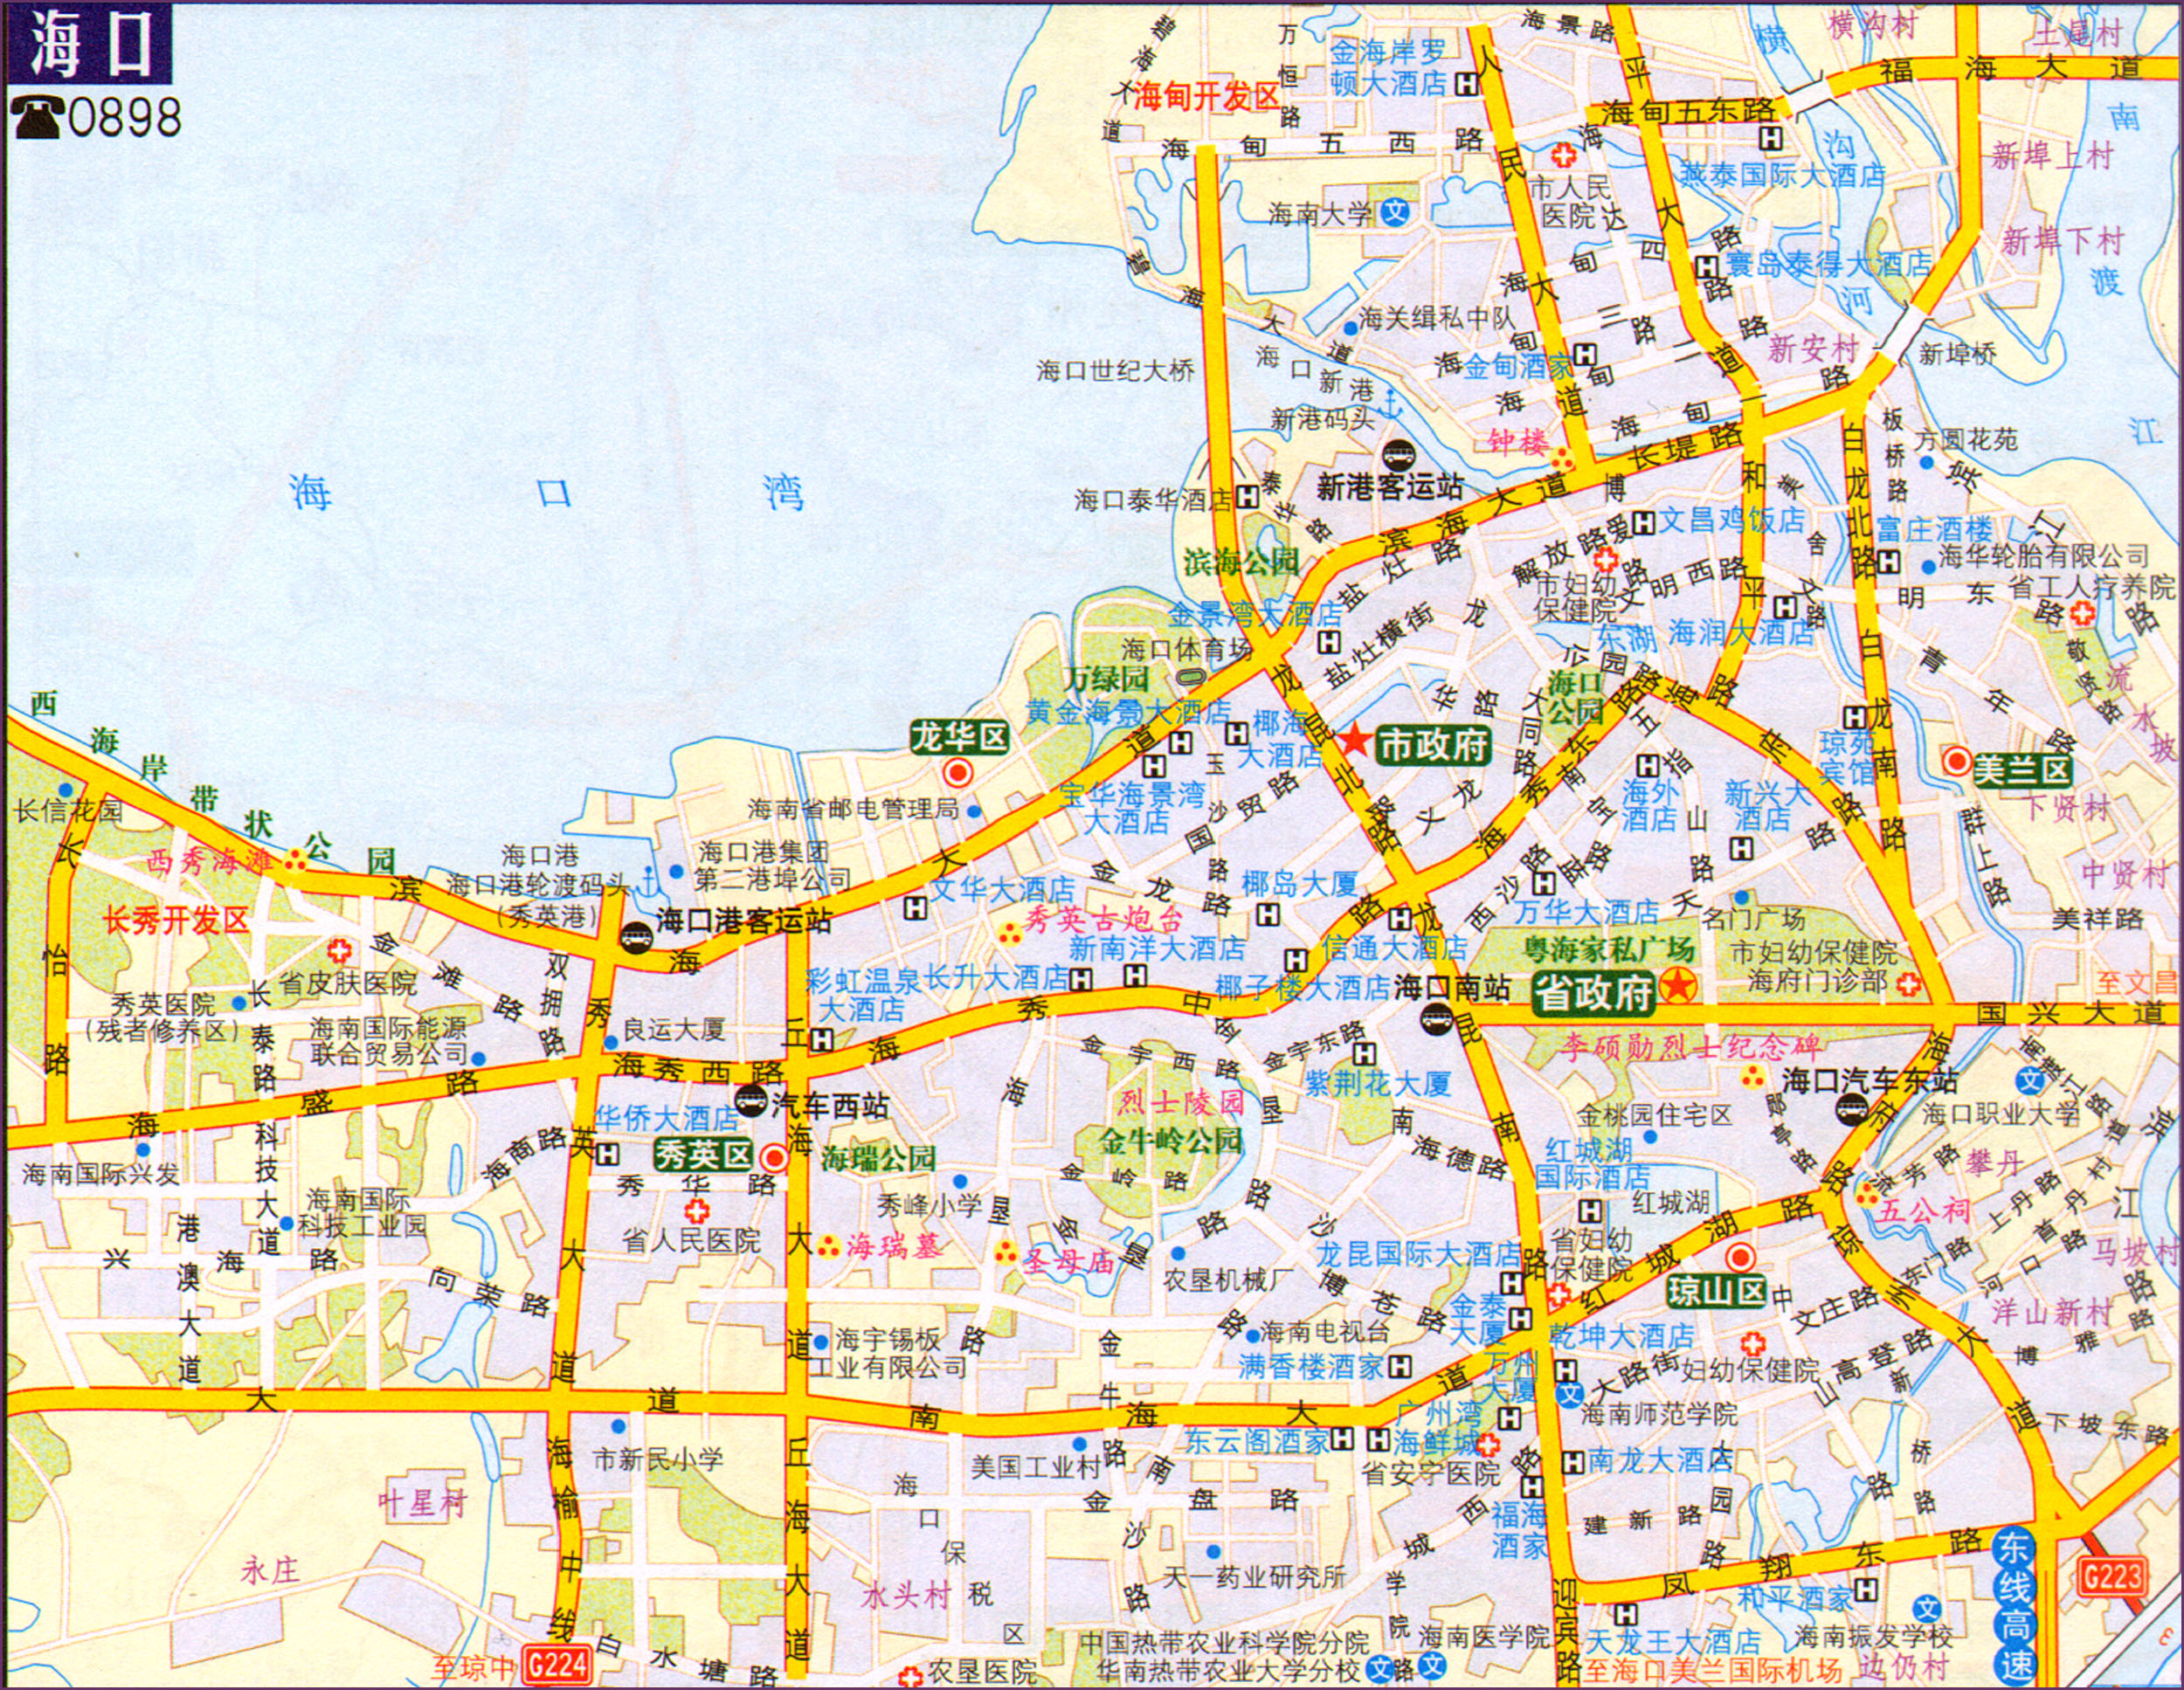 海口市城区交通地图2014版 高清图片